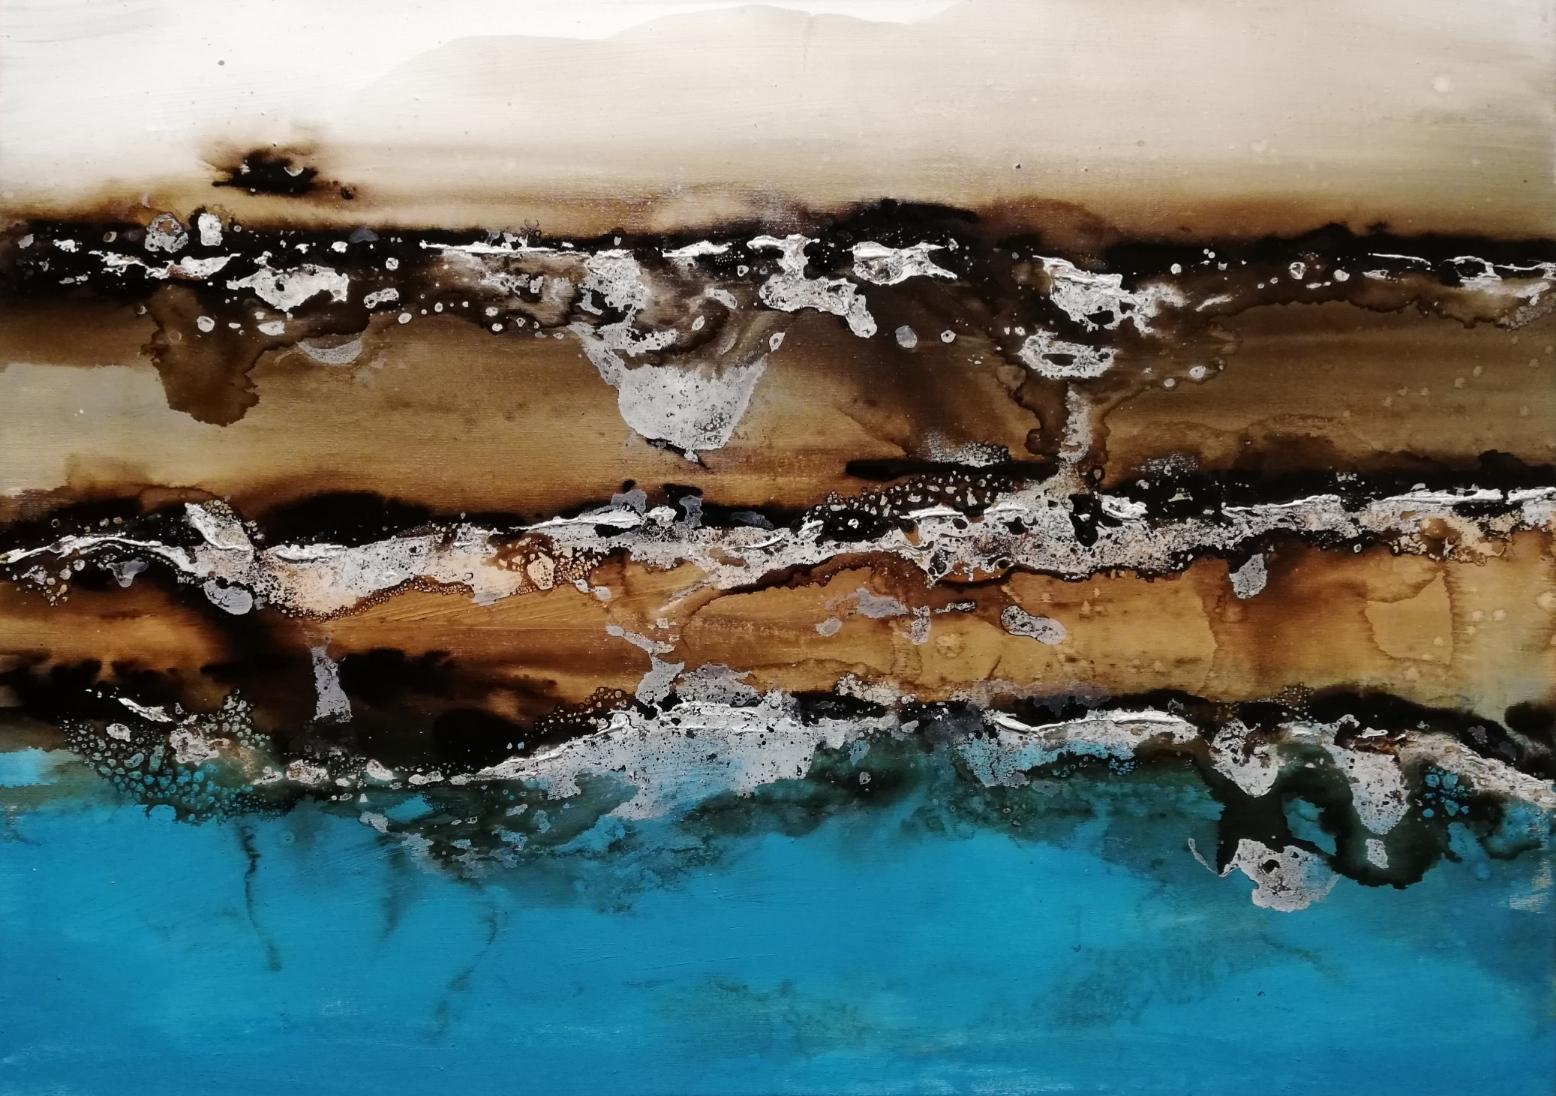 Tecnica mixta sobre tela / Mixed media on canvas (50cm x 70cm)